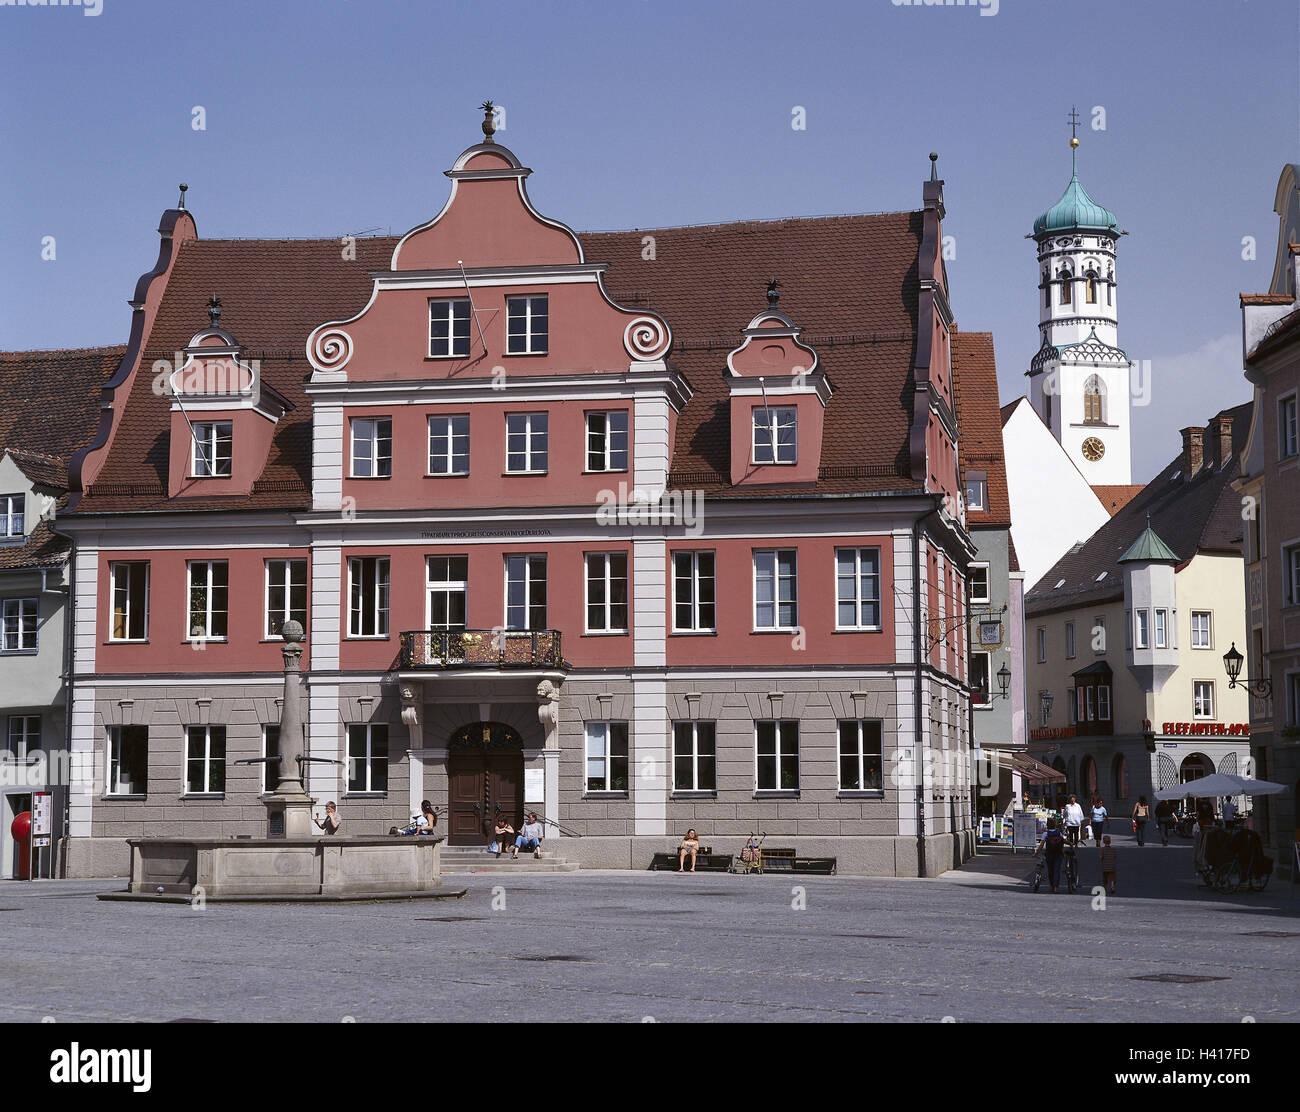 Incontri in Germania